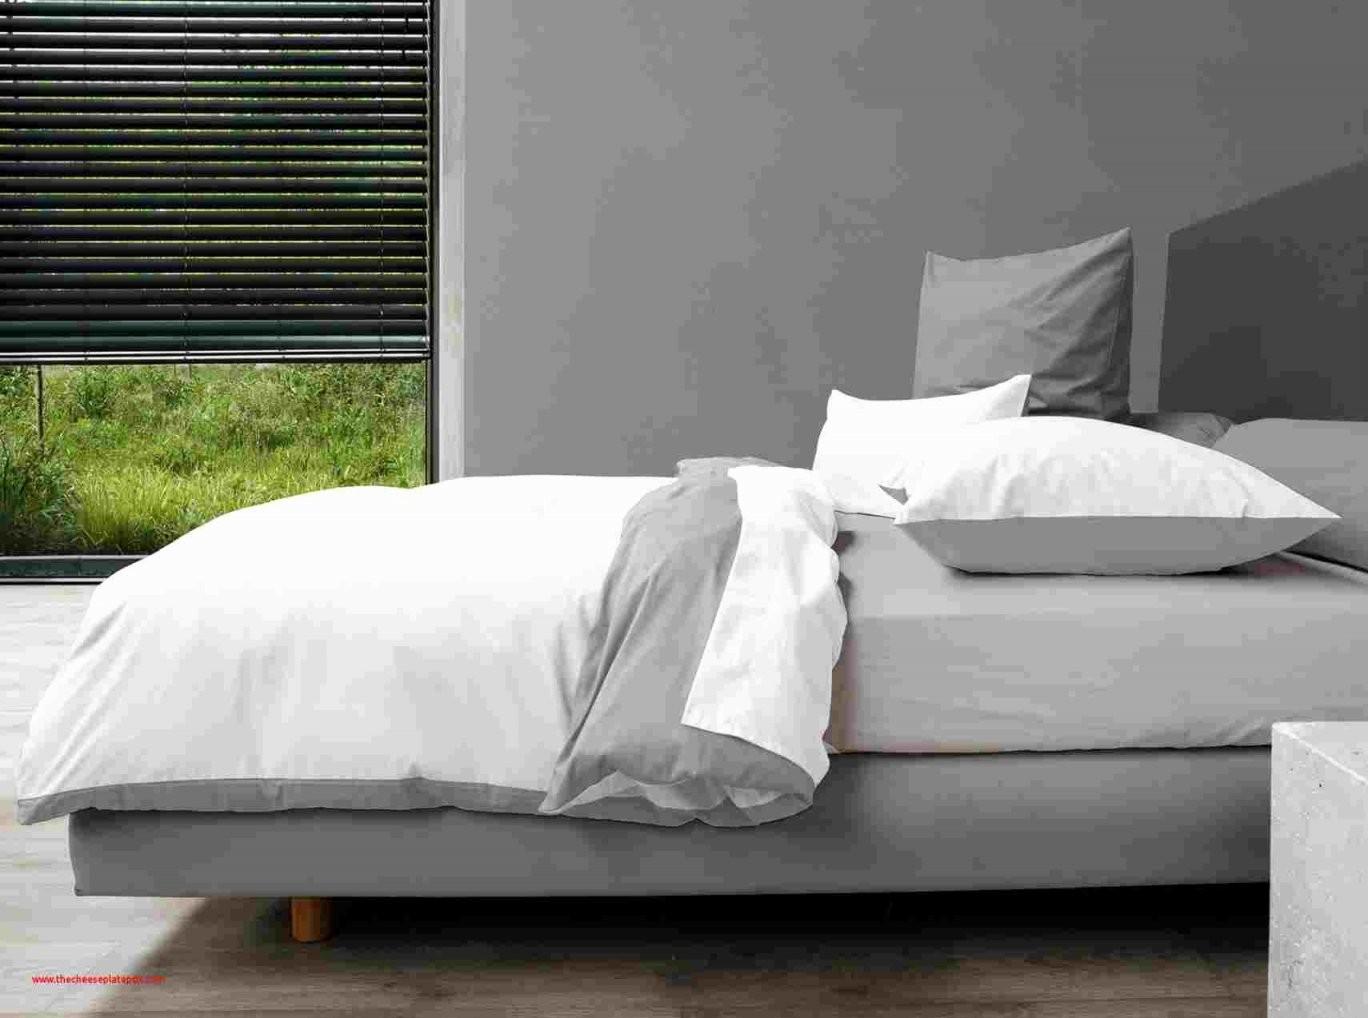 Elegant Perkal Bettwäsche Aldi  Home Image Ideen von Bettwäsche 155X220 Aldi Bild